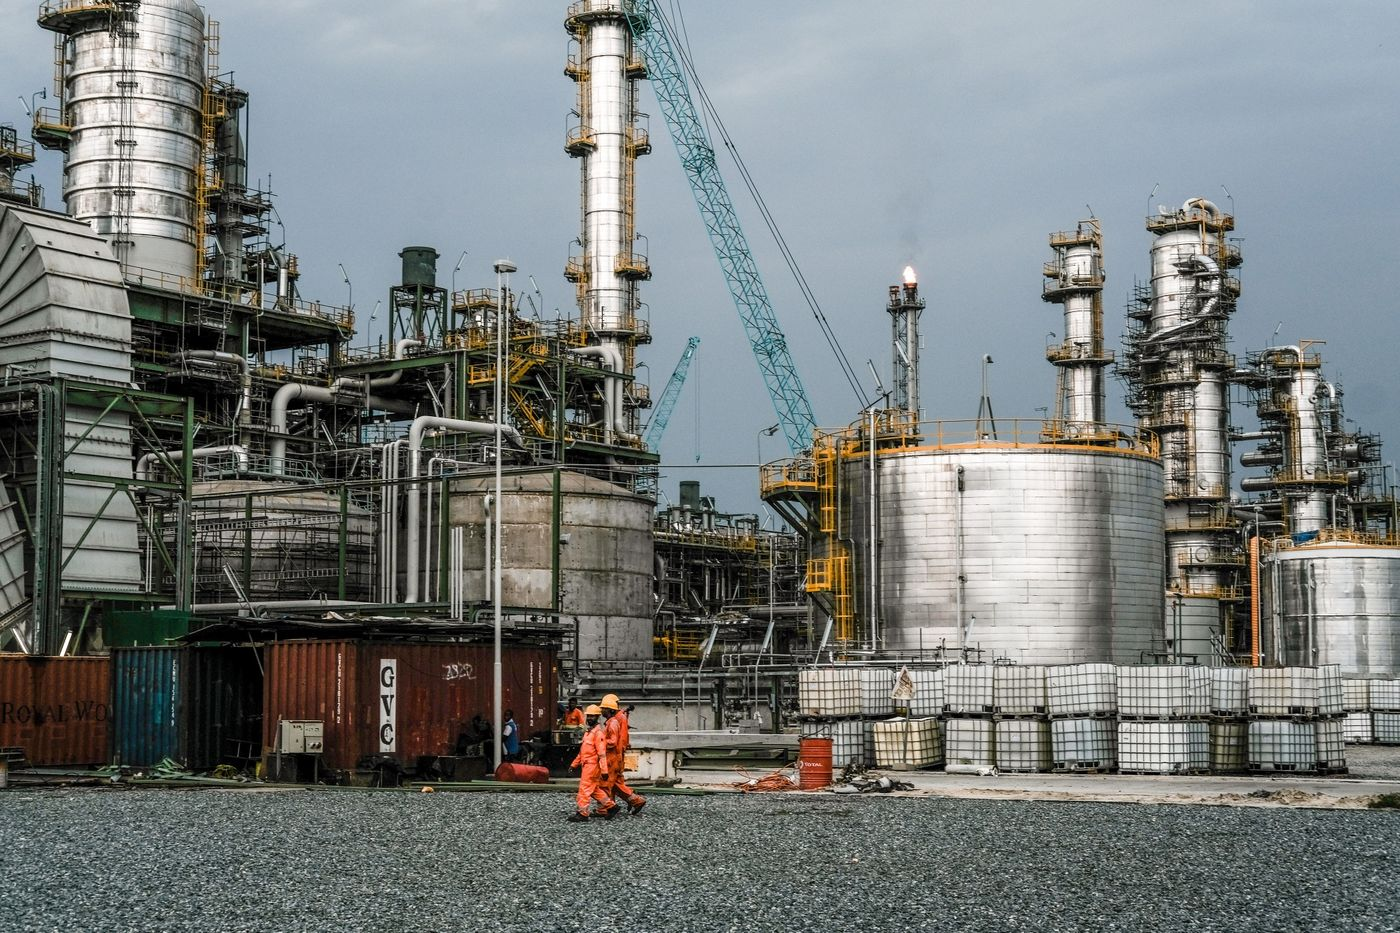 Africa's Richest Man Builds Nigeria's $15 Billion Oil Refinery